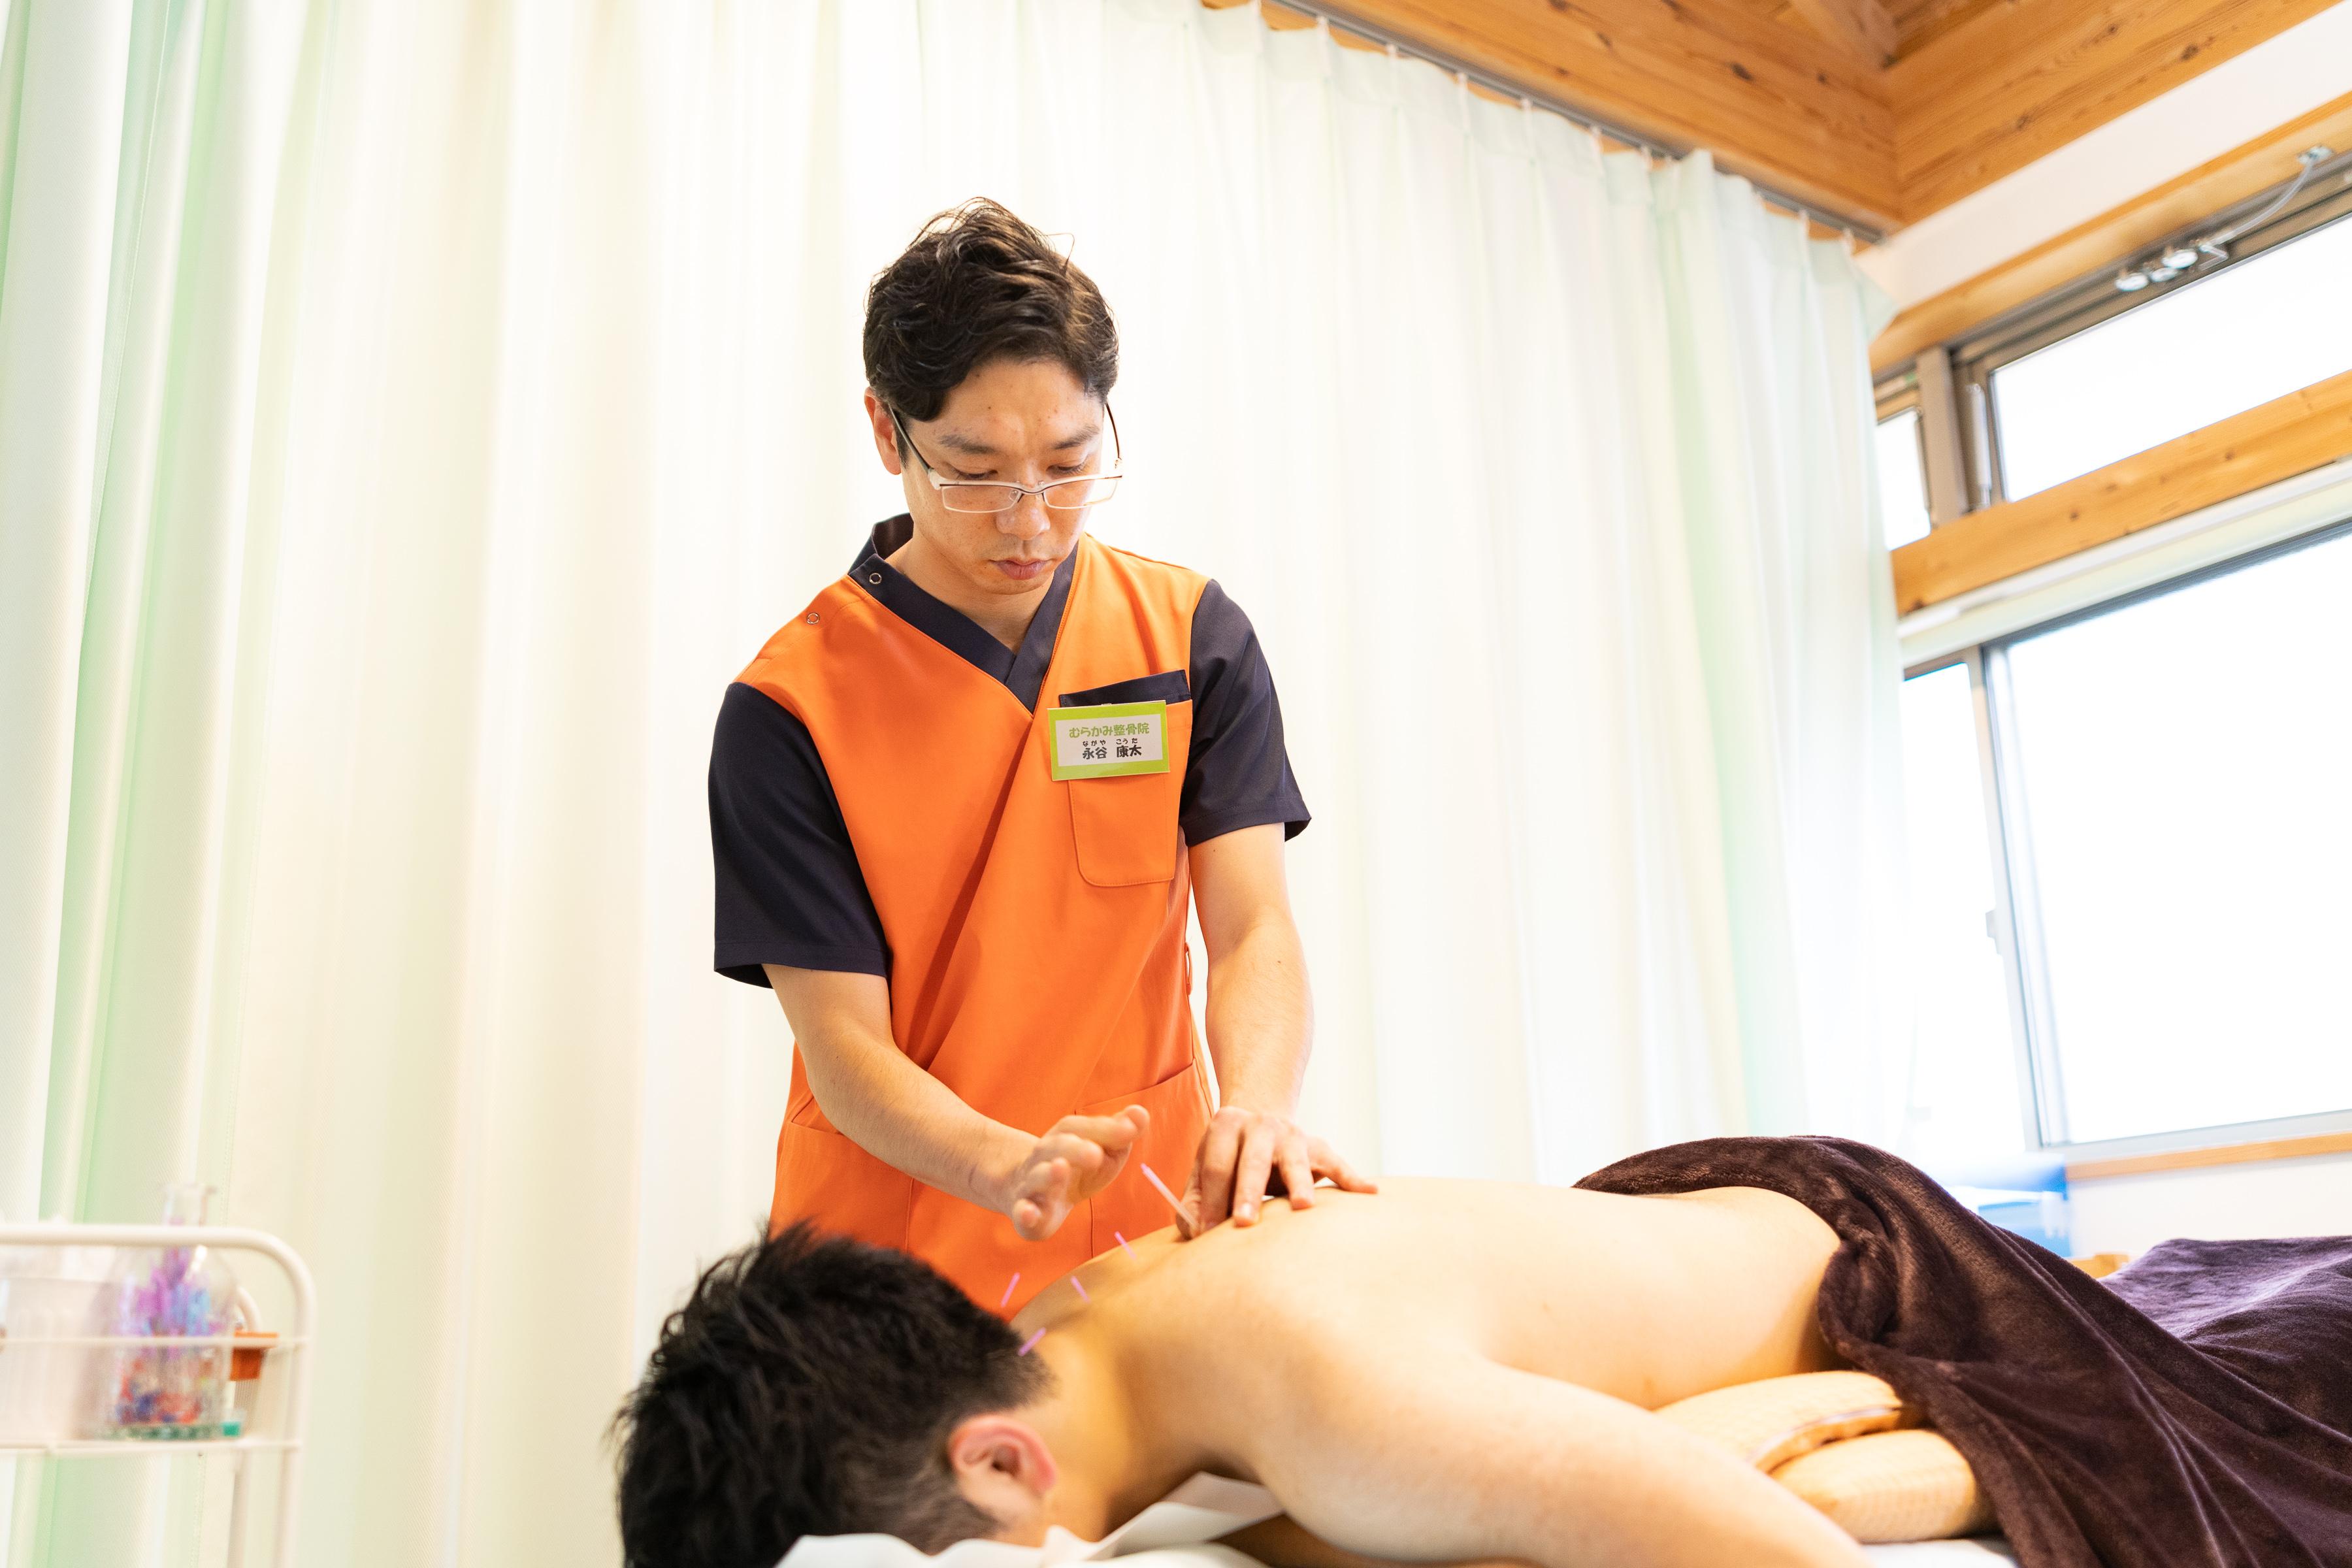 スポーツ鍼灸|岩沼市の鍼灸院